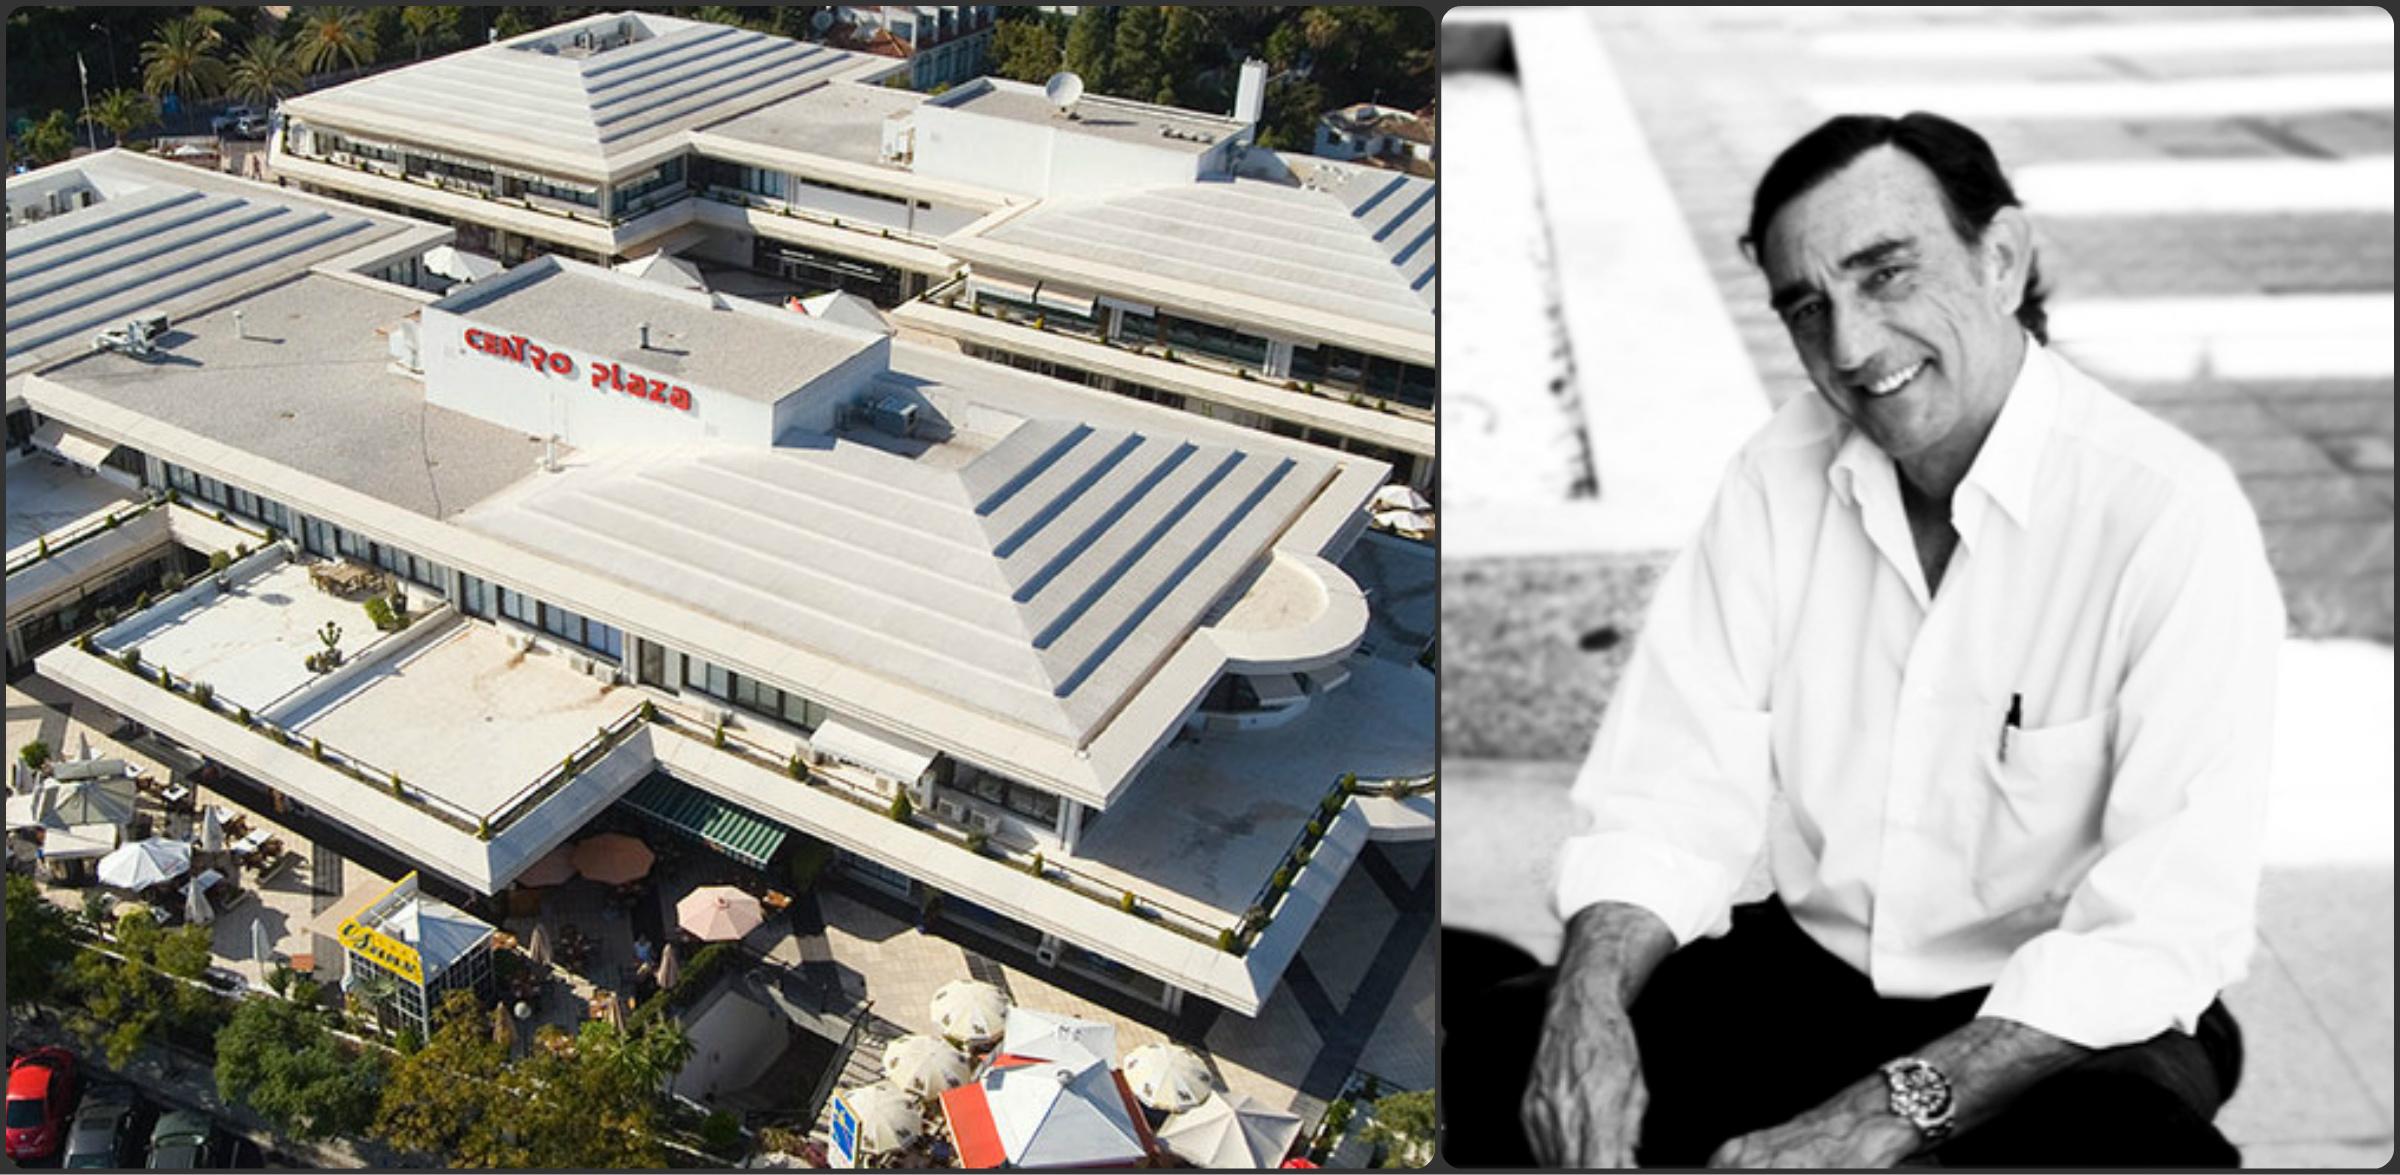 Conocemos mejor a Javier Banús, arquitecto de Centro Plaza